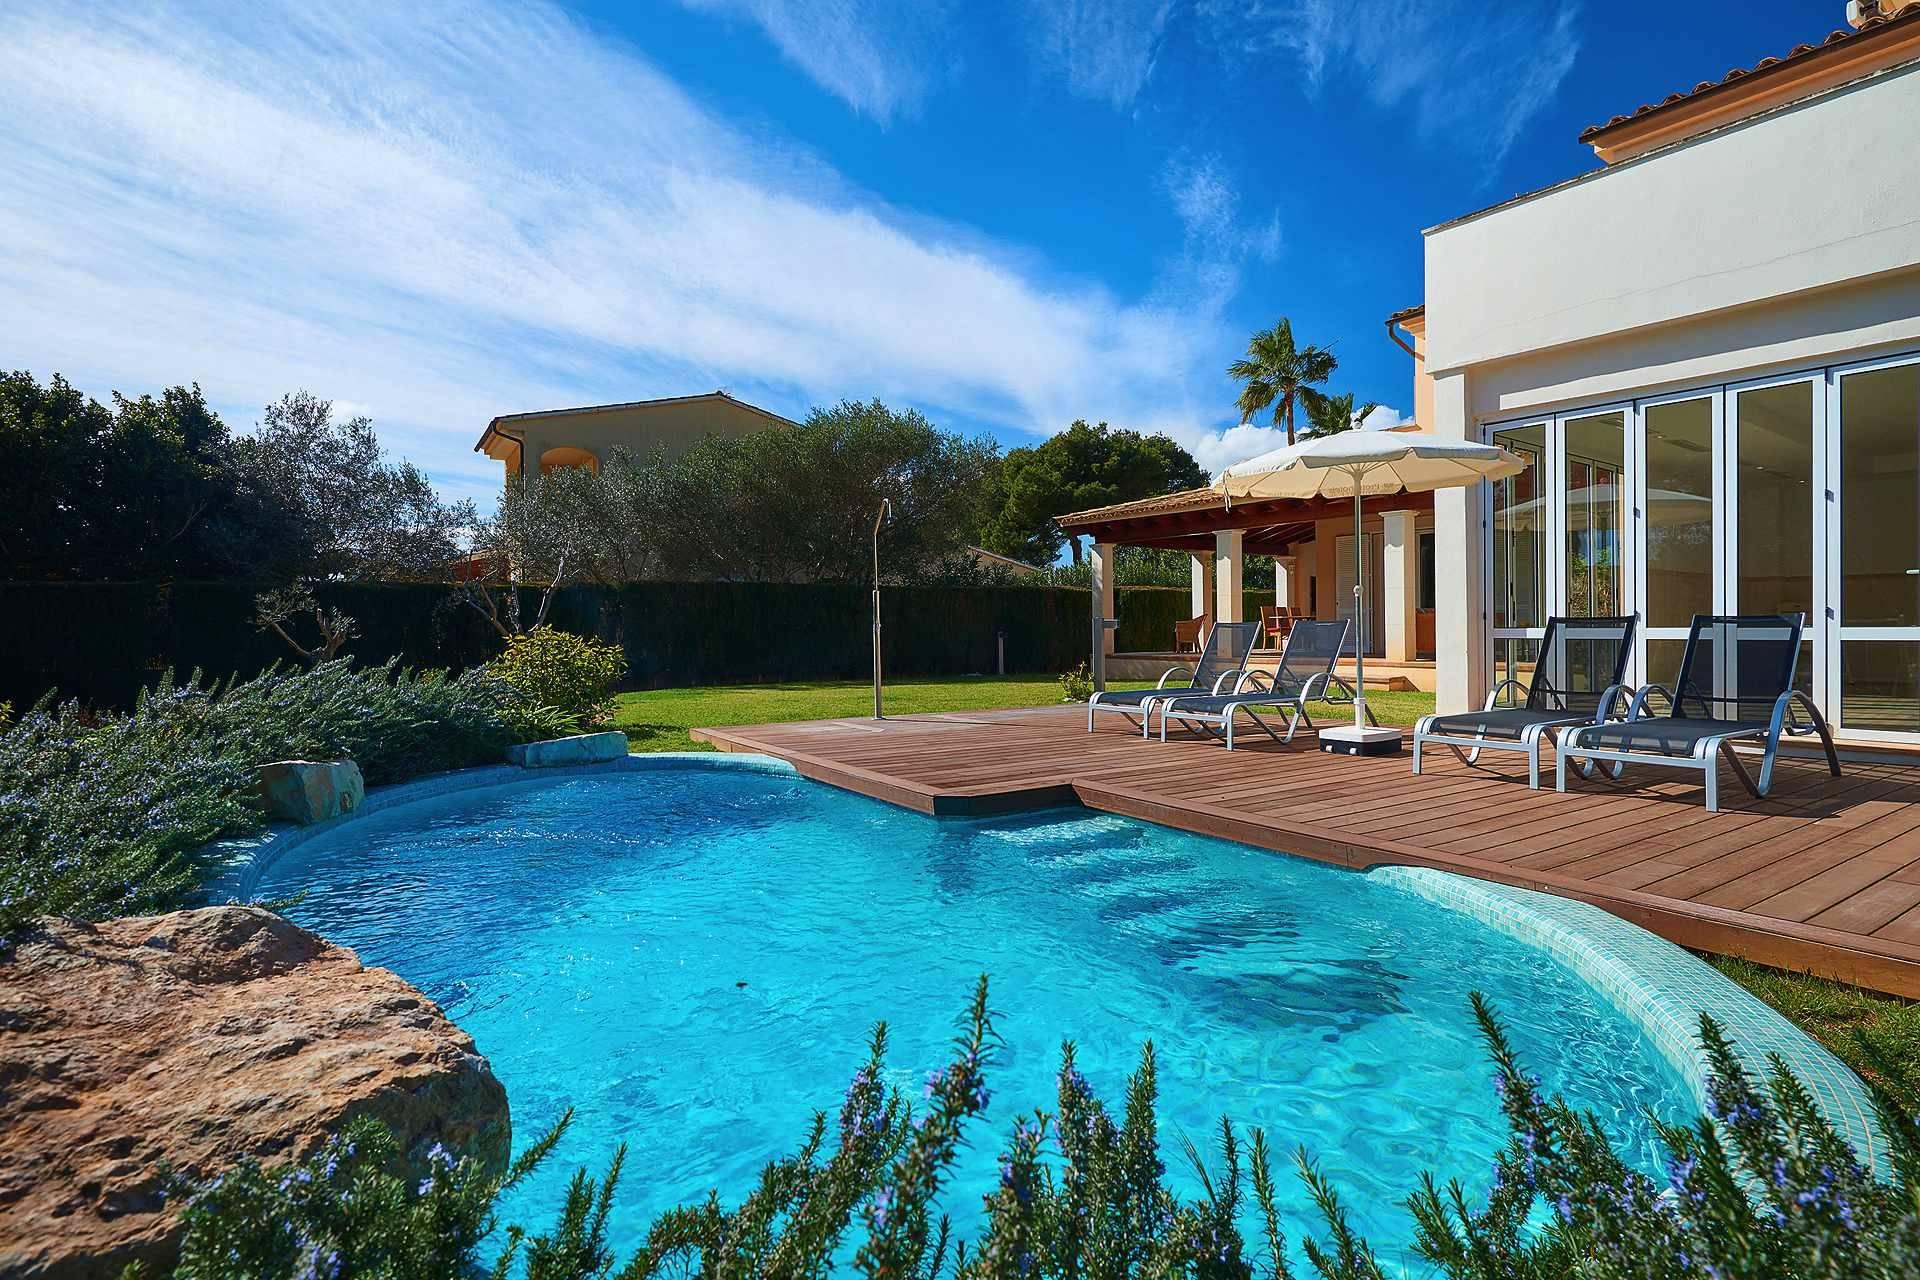 01-49 luxuriöses Chalet Nordosten Mallorca Bild 3